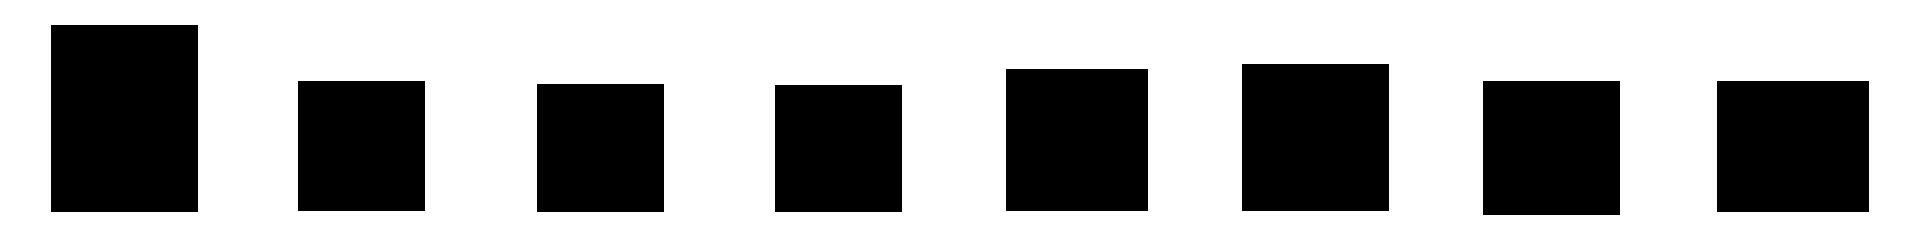 iconos comisiones